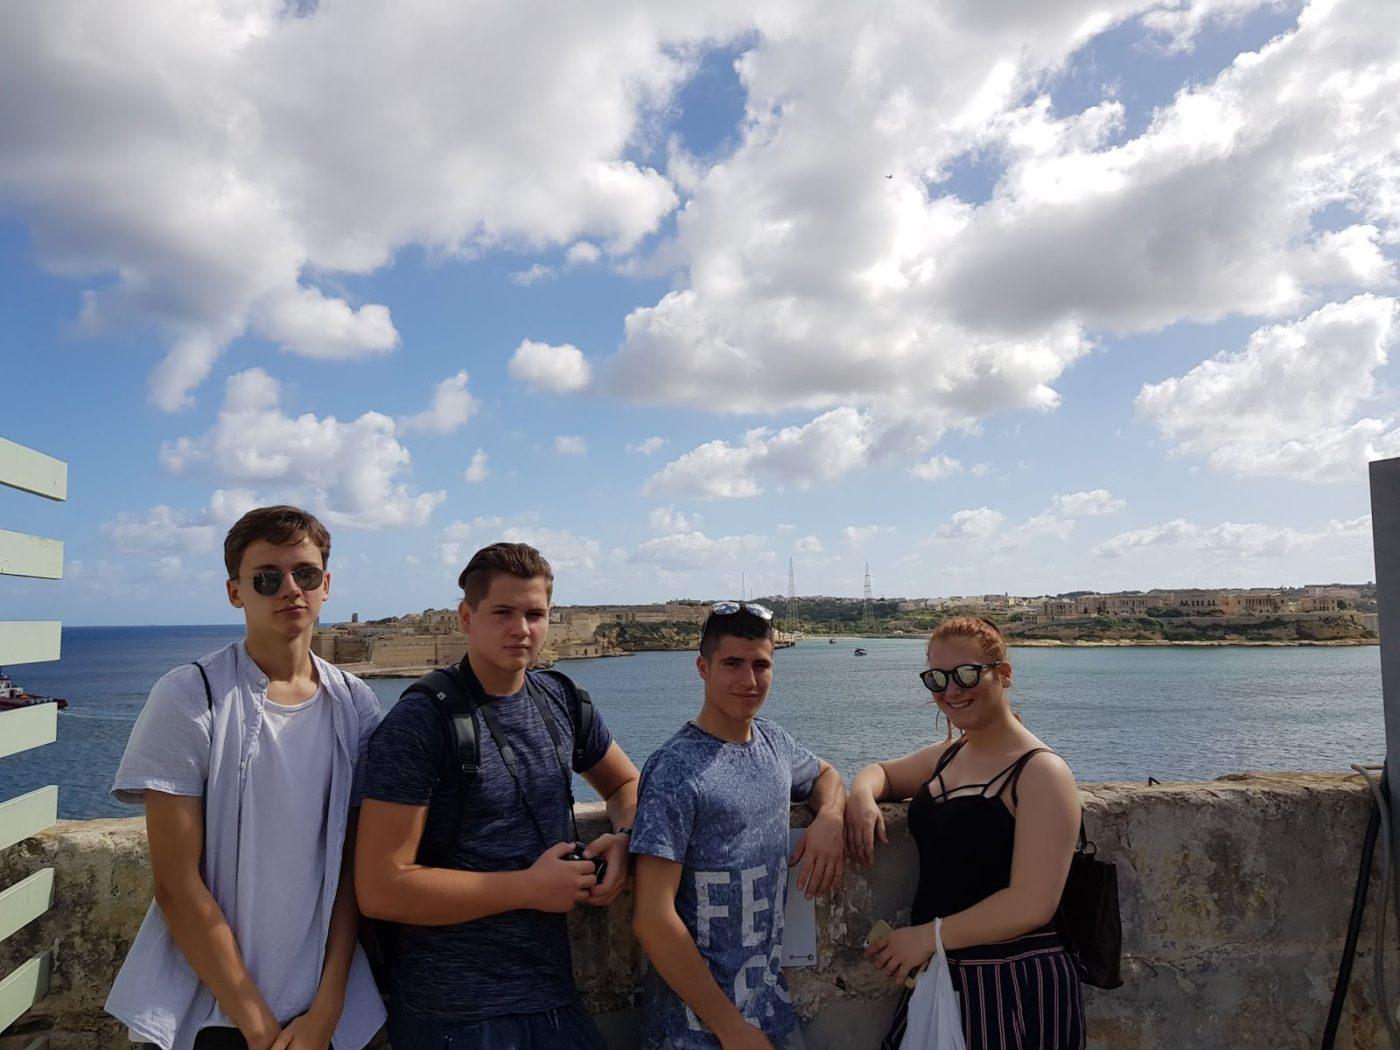 Máltán gyakorlatoztak az Erasmus program keretében